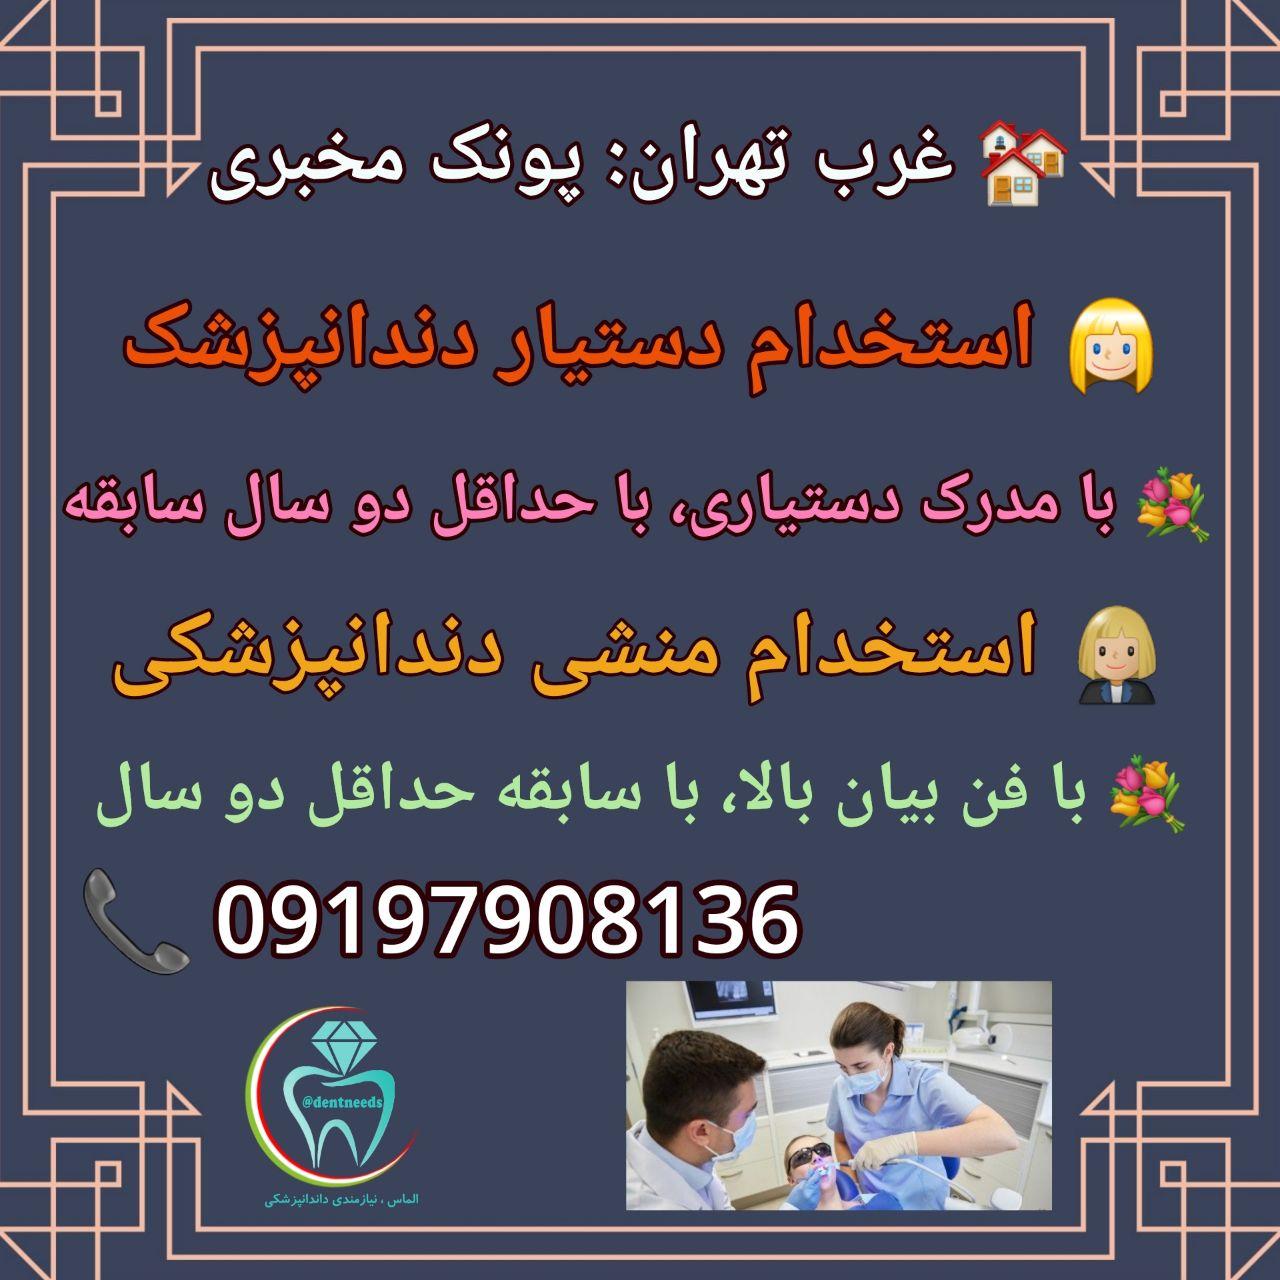 غرب تهران: پونک مخبری، استخدام دستیار دندانپزشک، منشی دندانپزشک